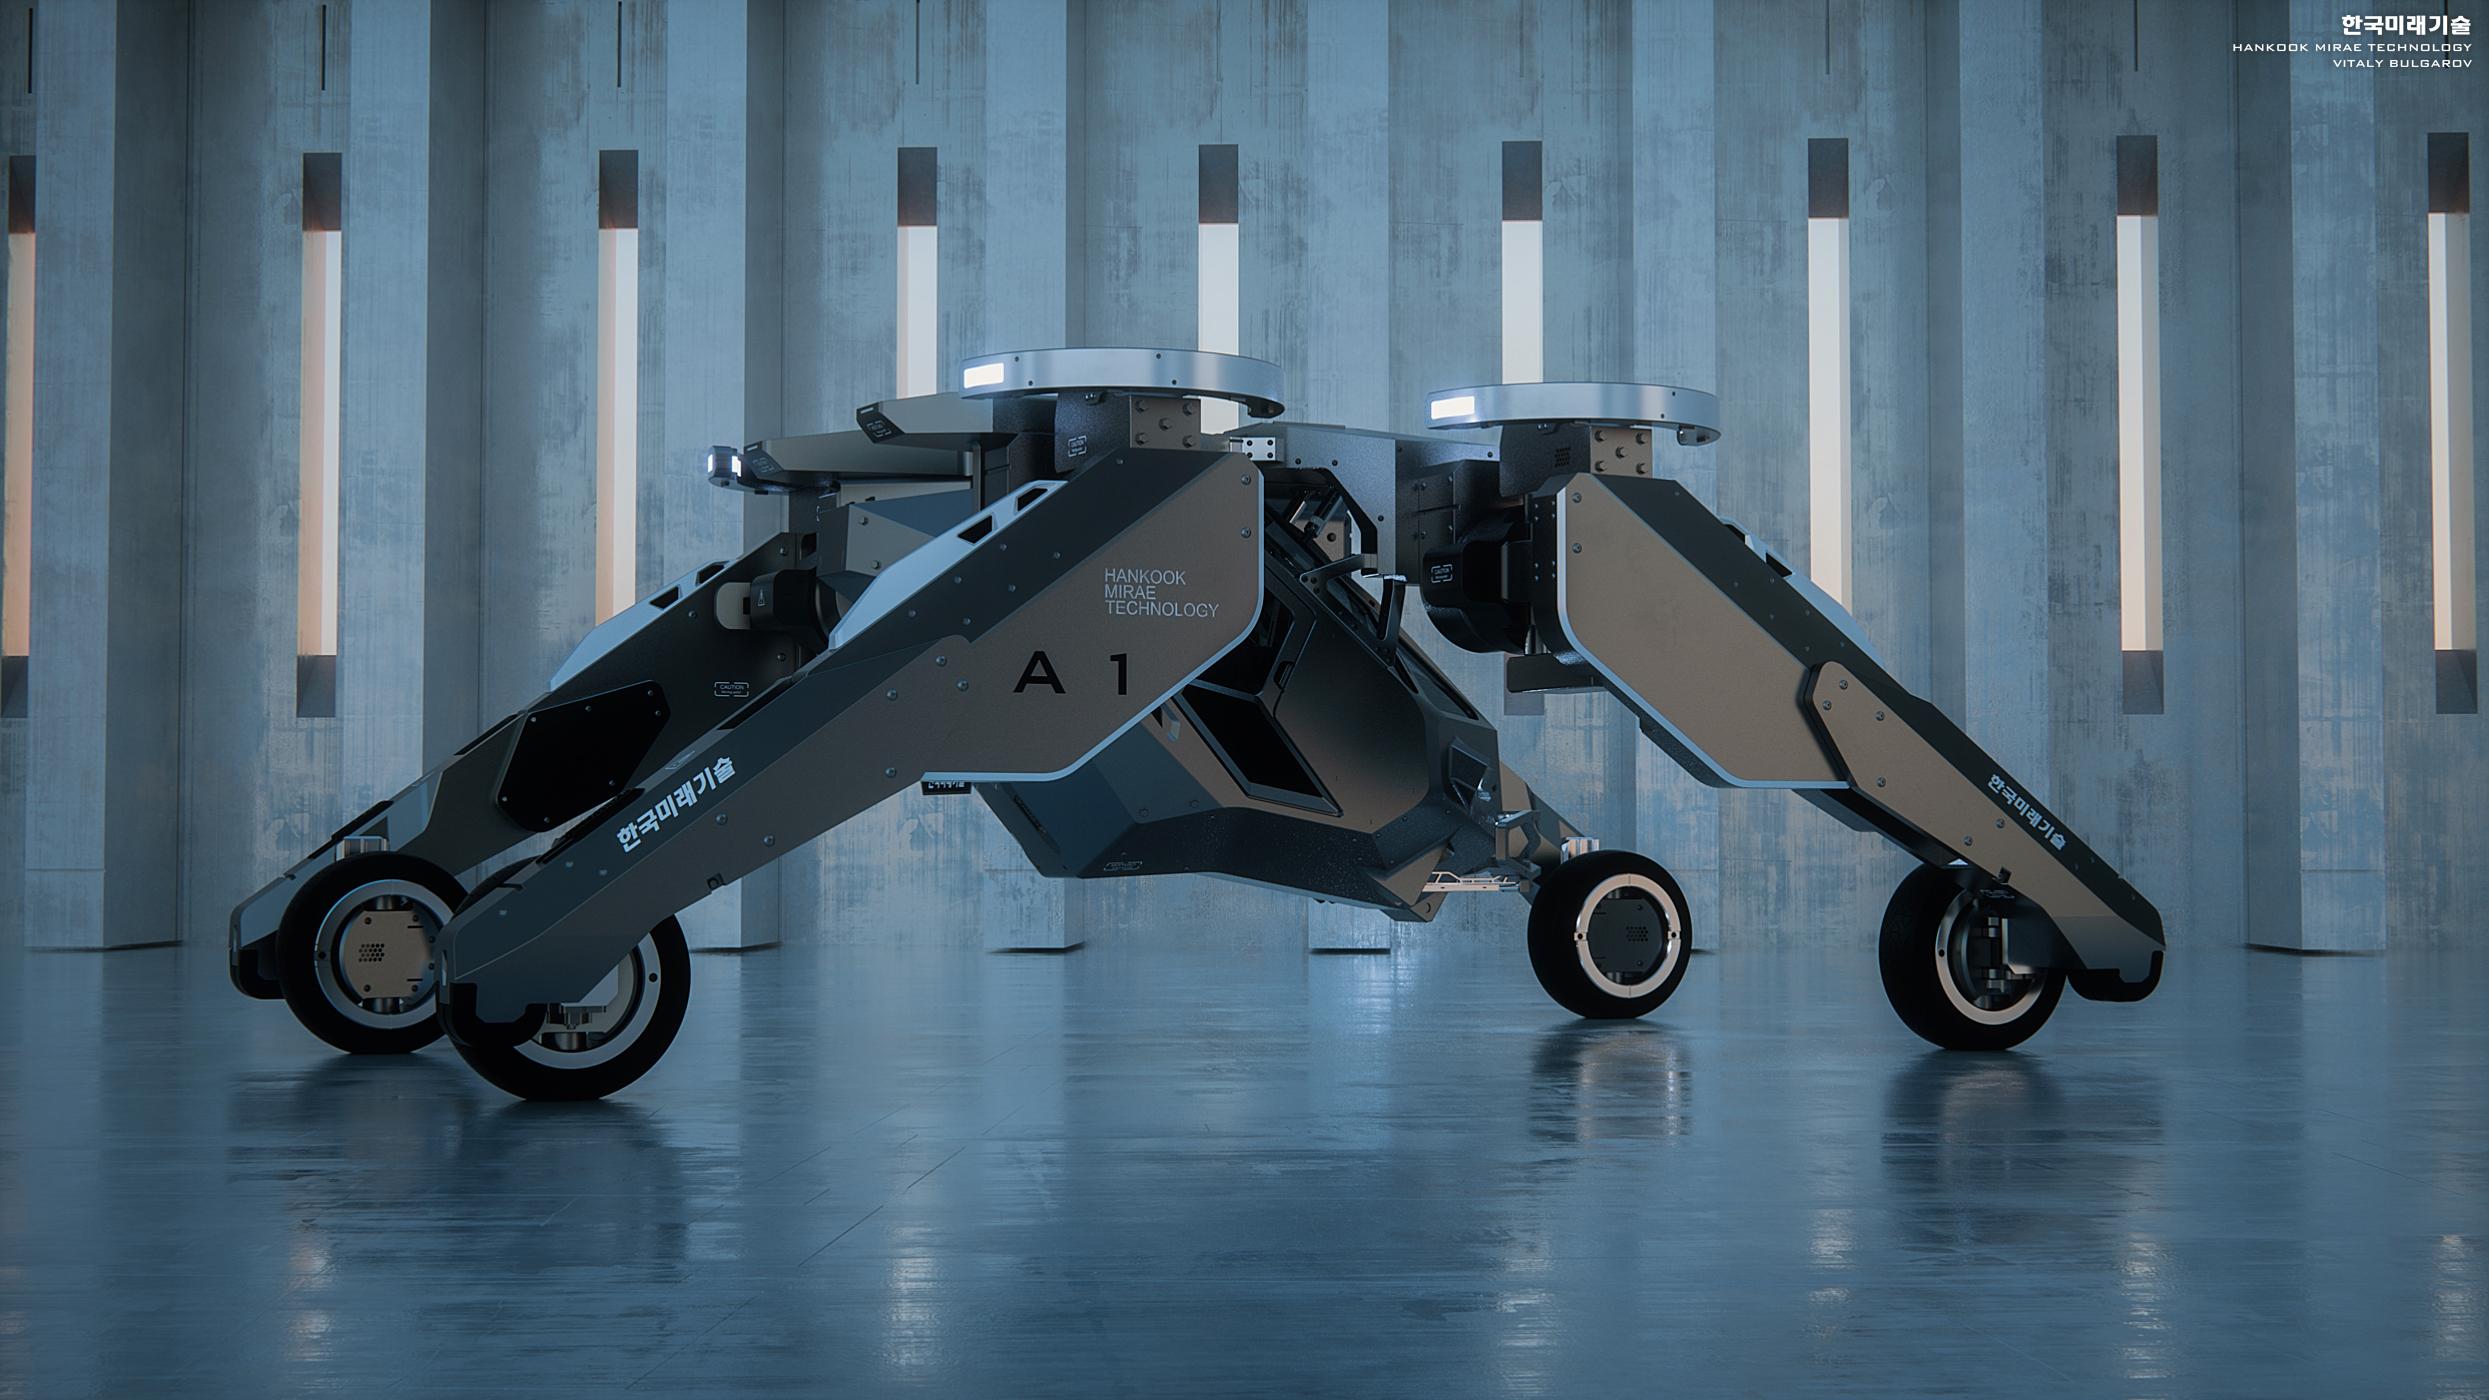 KFT_4LeggedRobot_V1_VehicleMode_01.jpg